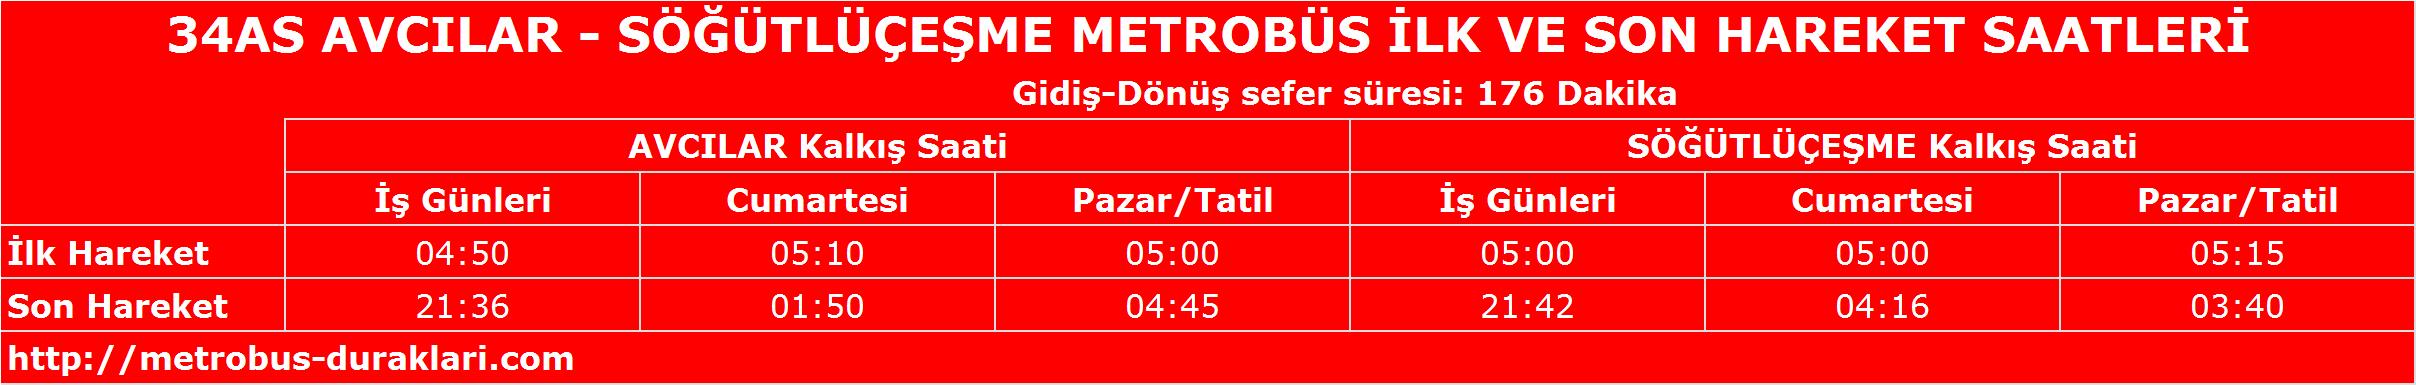 34 as metobüs saatleri